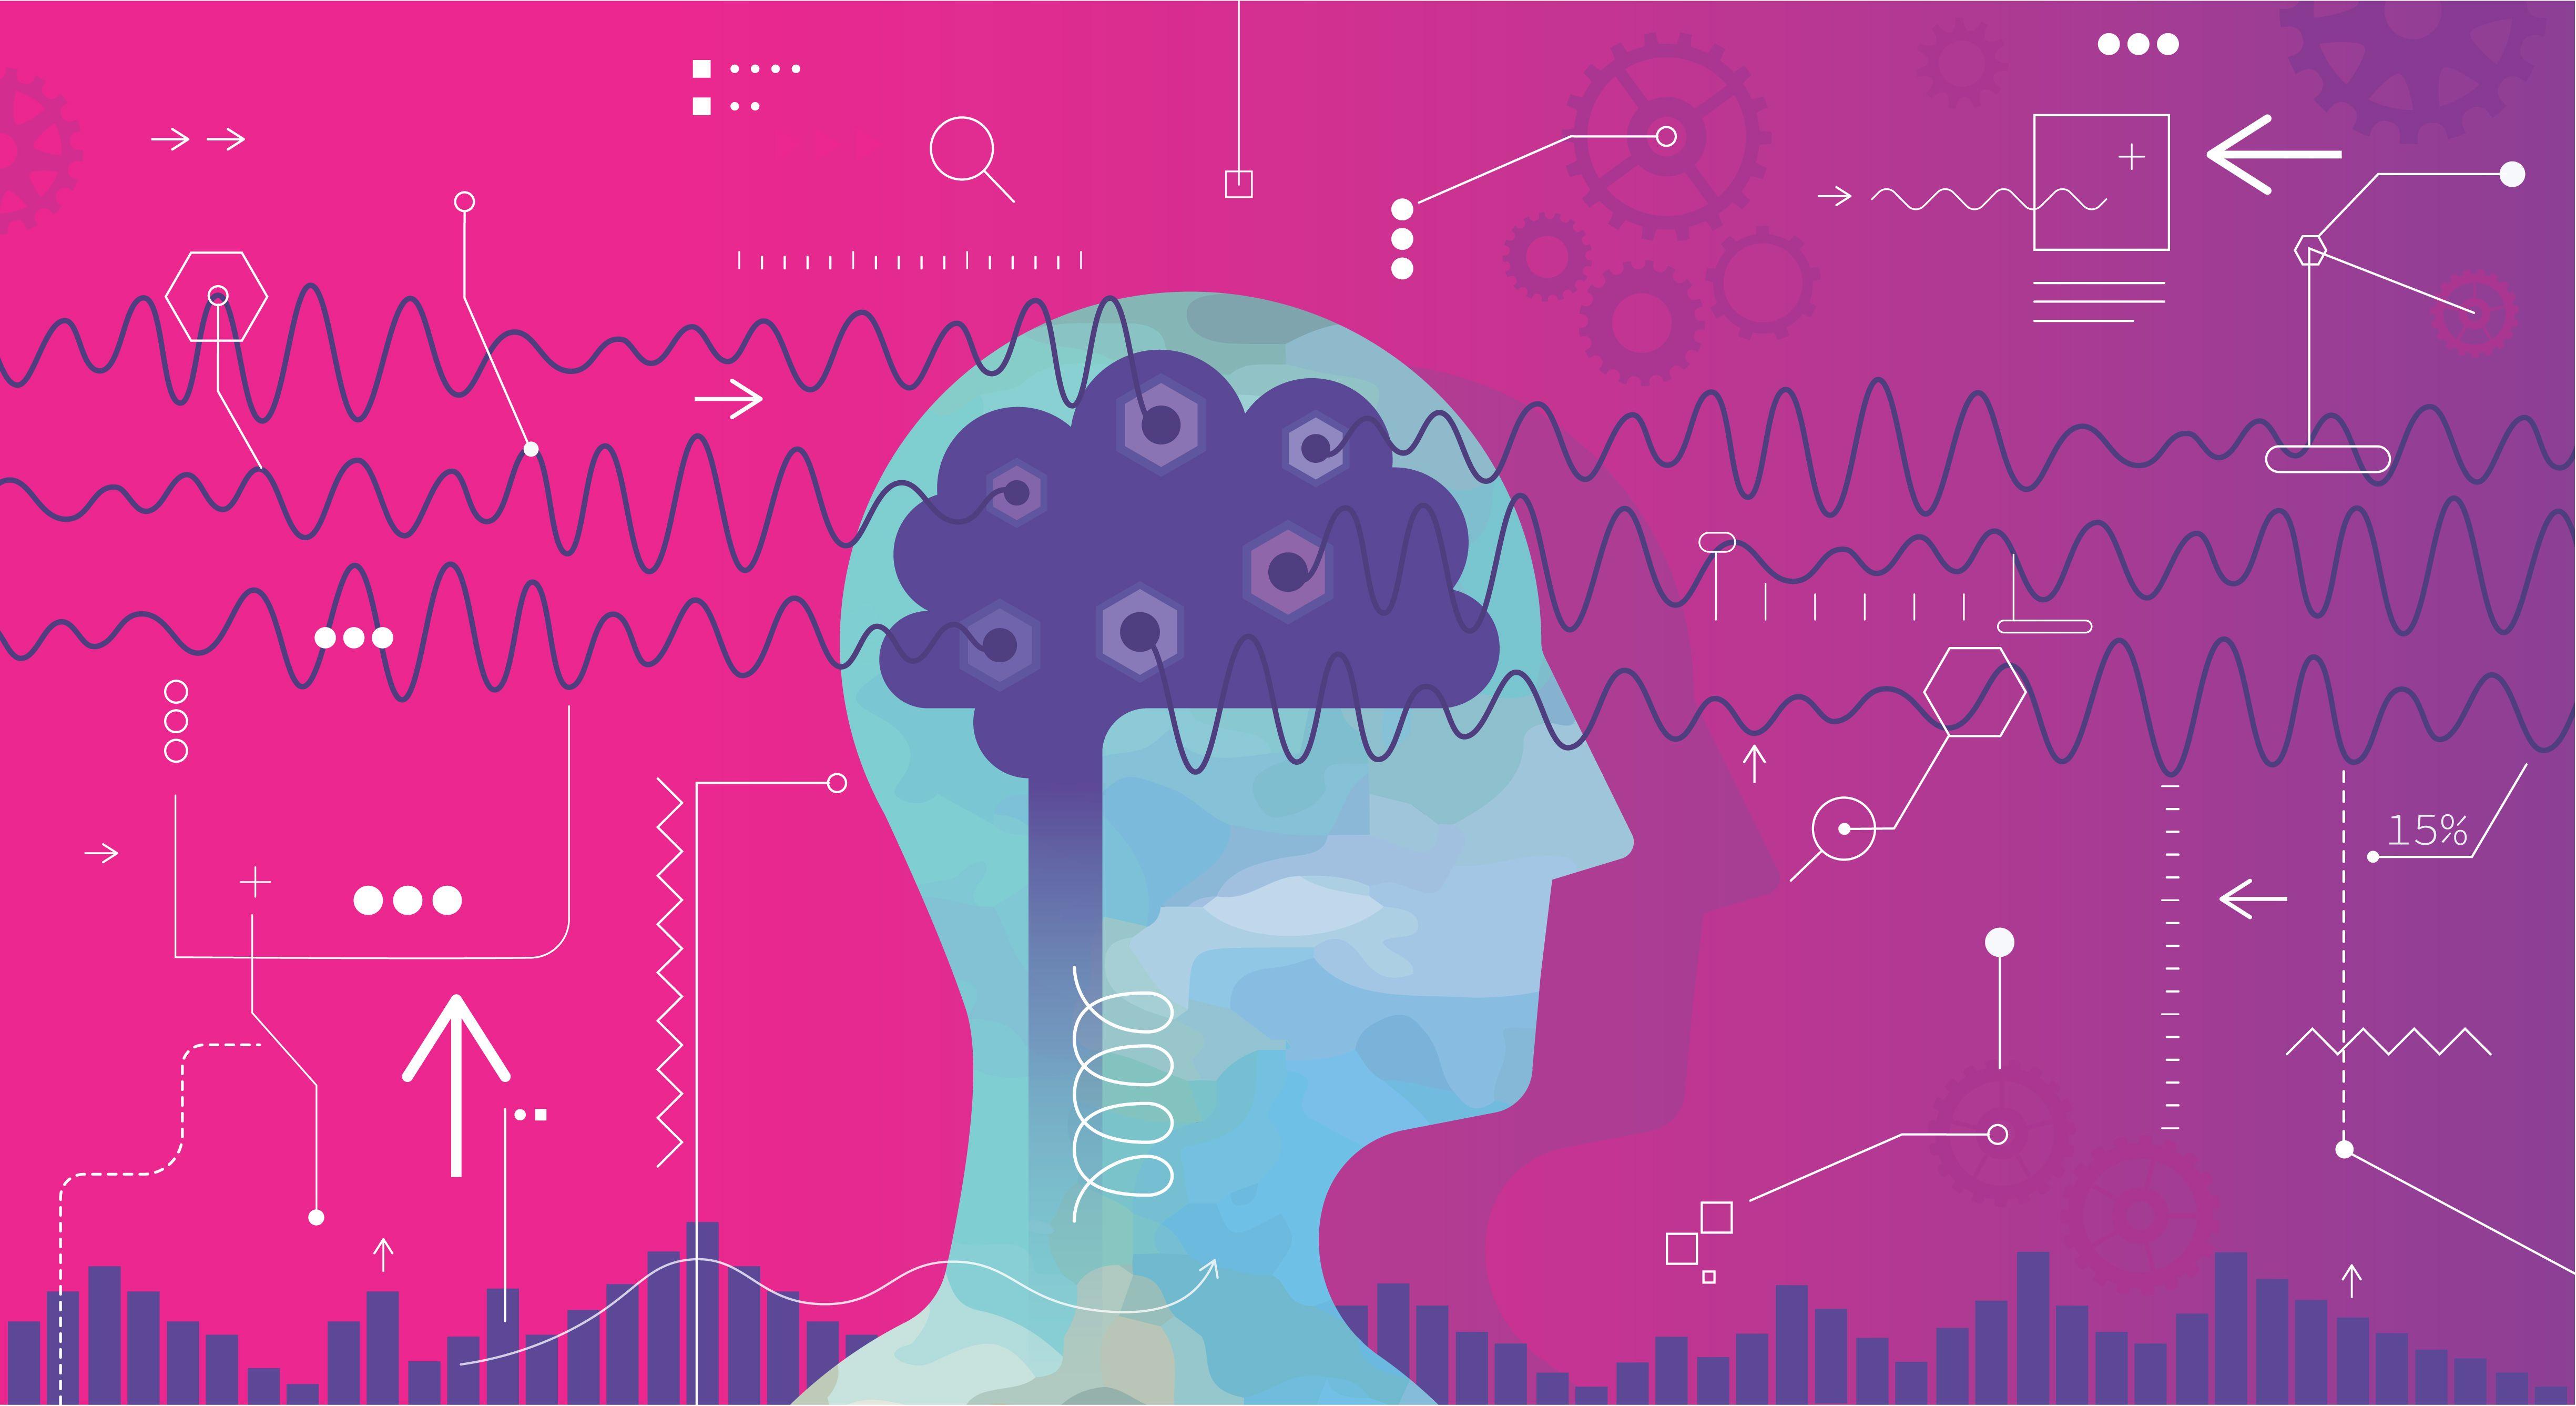 Neuropsicología: Servicios de Centro de Salud Psicomedic